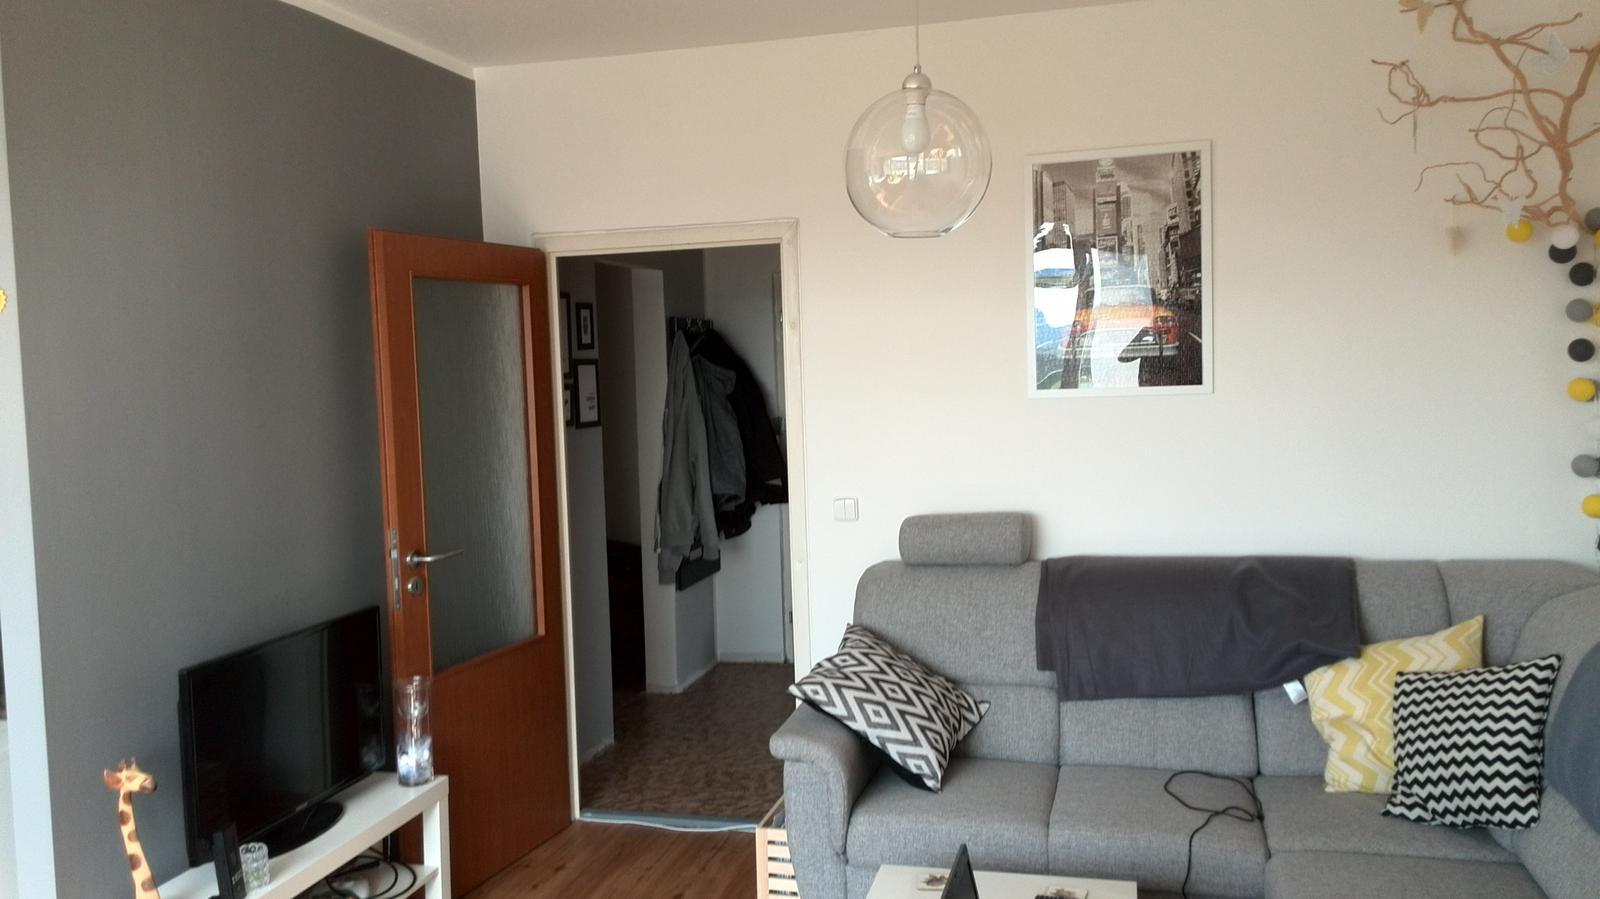 Náš domov :-) - a příští týden bude i nový nábytek :-) už se těším..